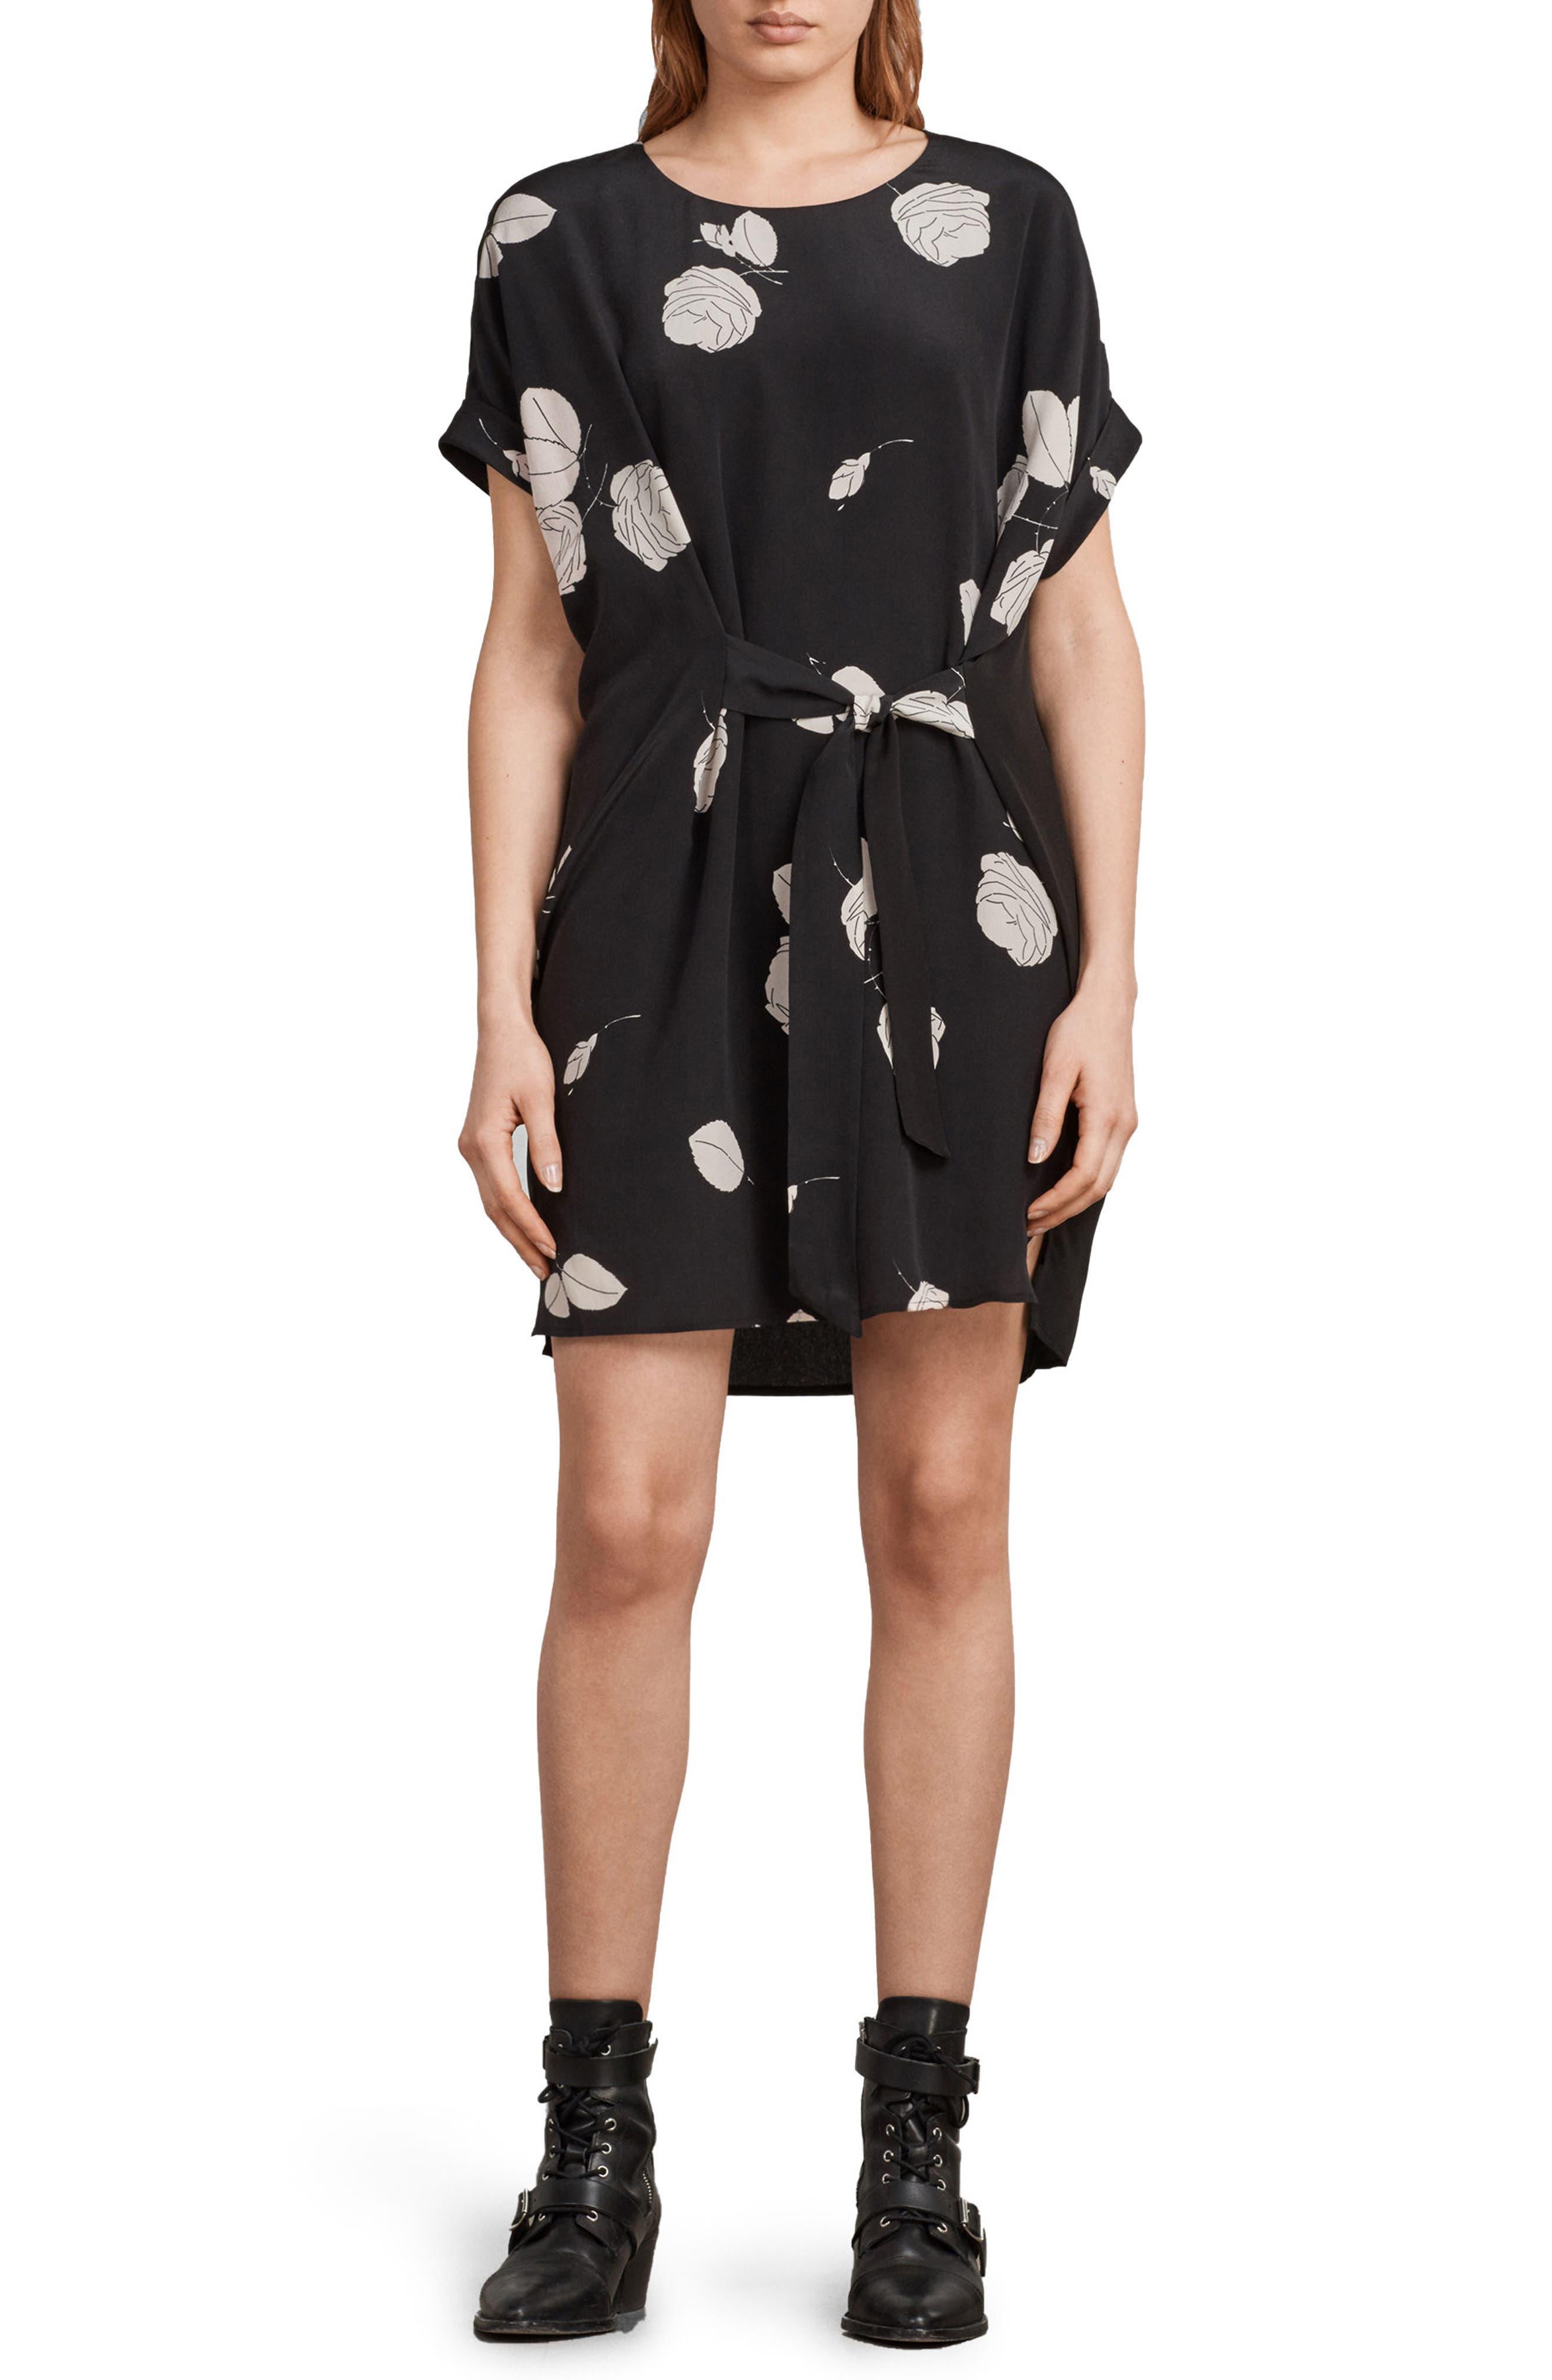 Sonny Rodin Silk Dress,                             Main thumbnail 1, color,                             Black